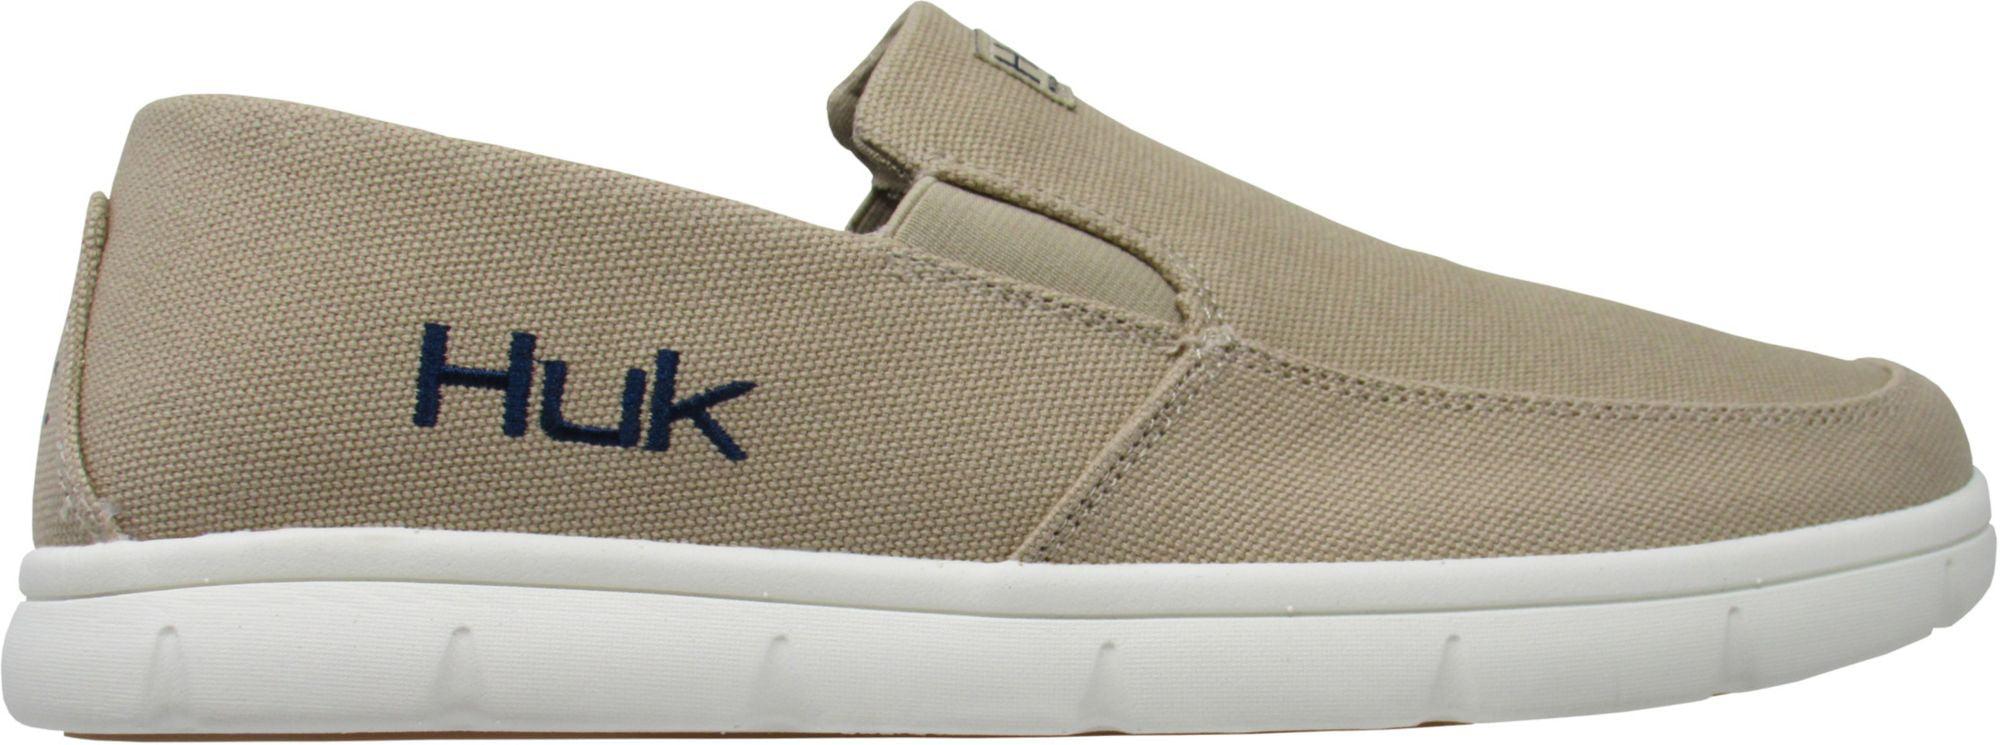 Huk - Huk Men's Brewster Boat Shoes